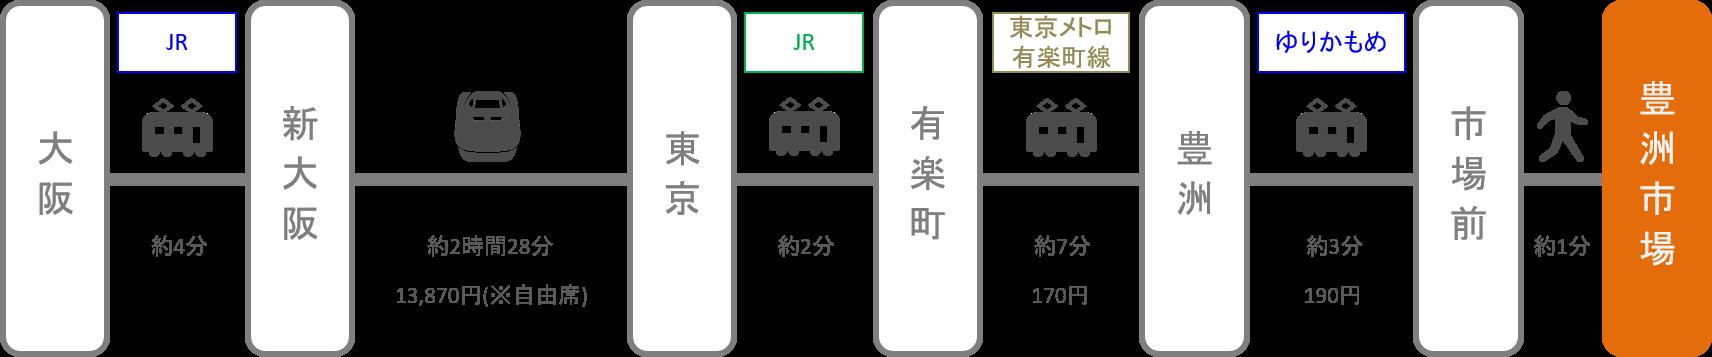 豊洲市場_大阪_新幹線